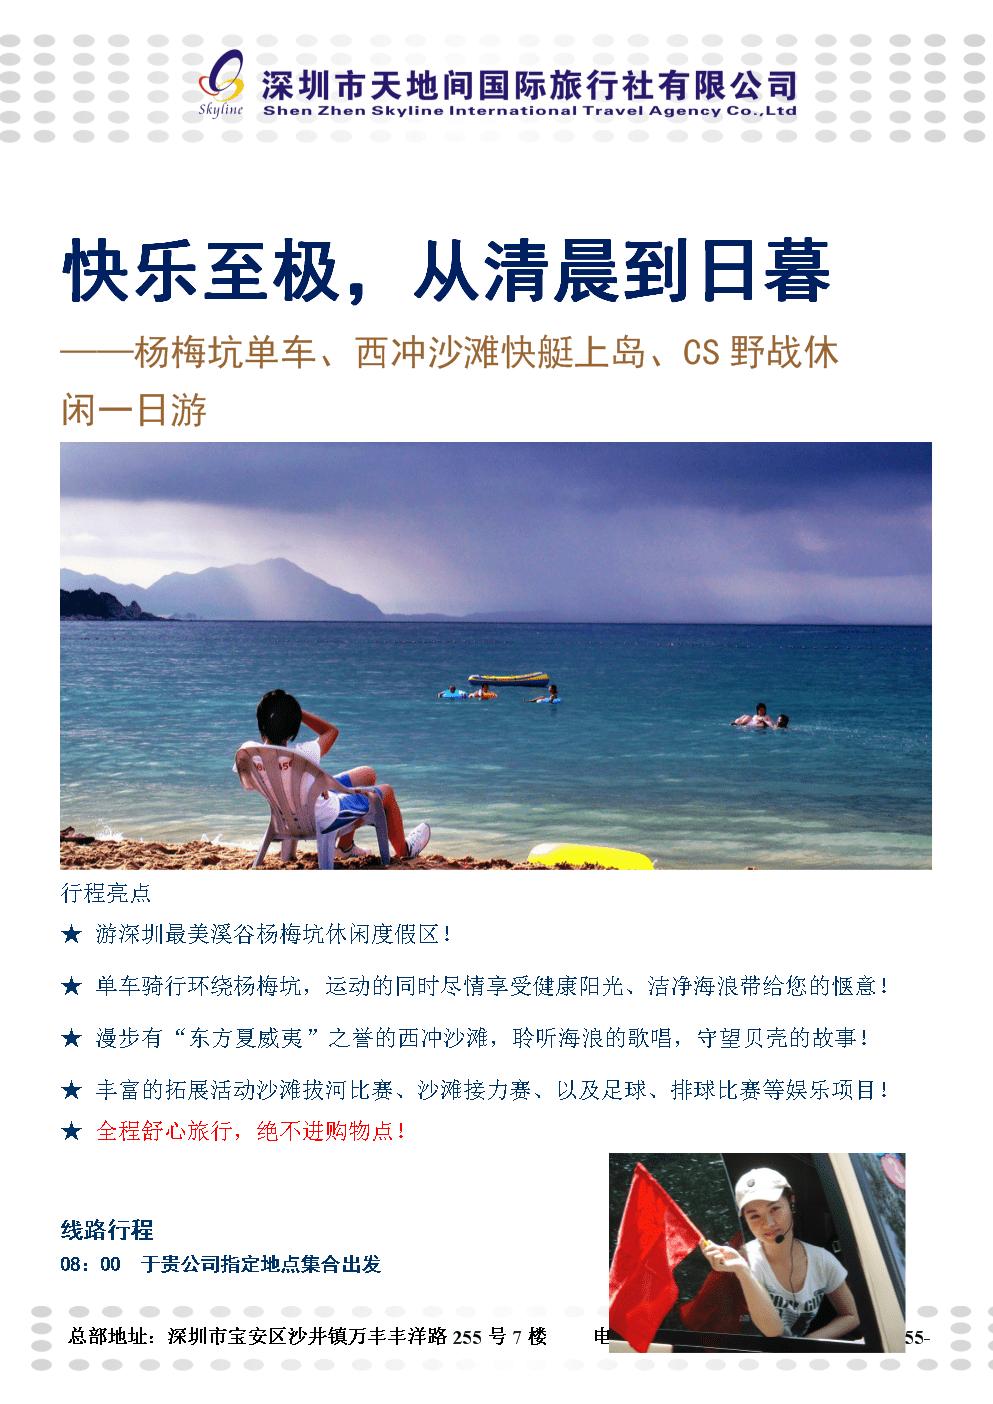 D3  130元每人 杨梅坑单车、西冲沙滩、快艇上岛休闲一日游.doc